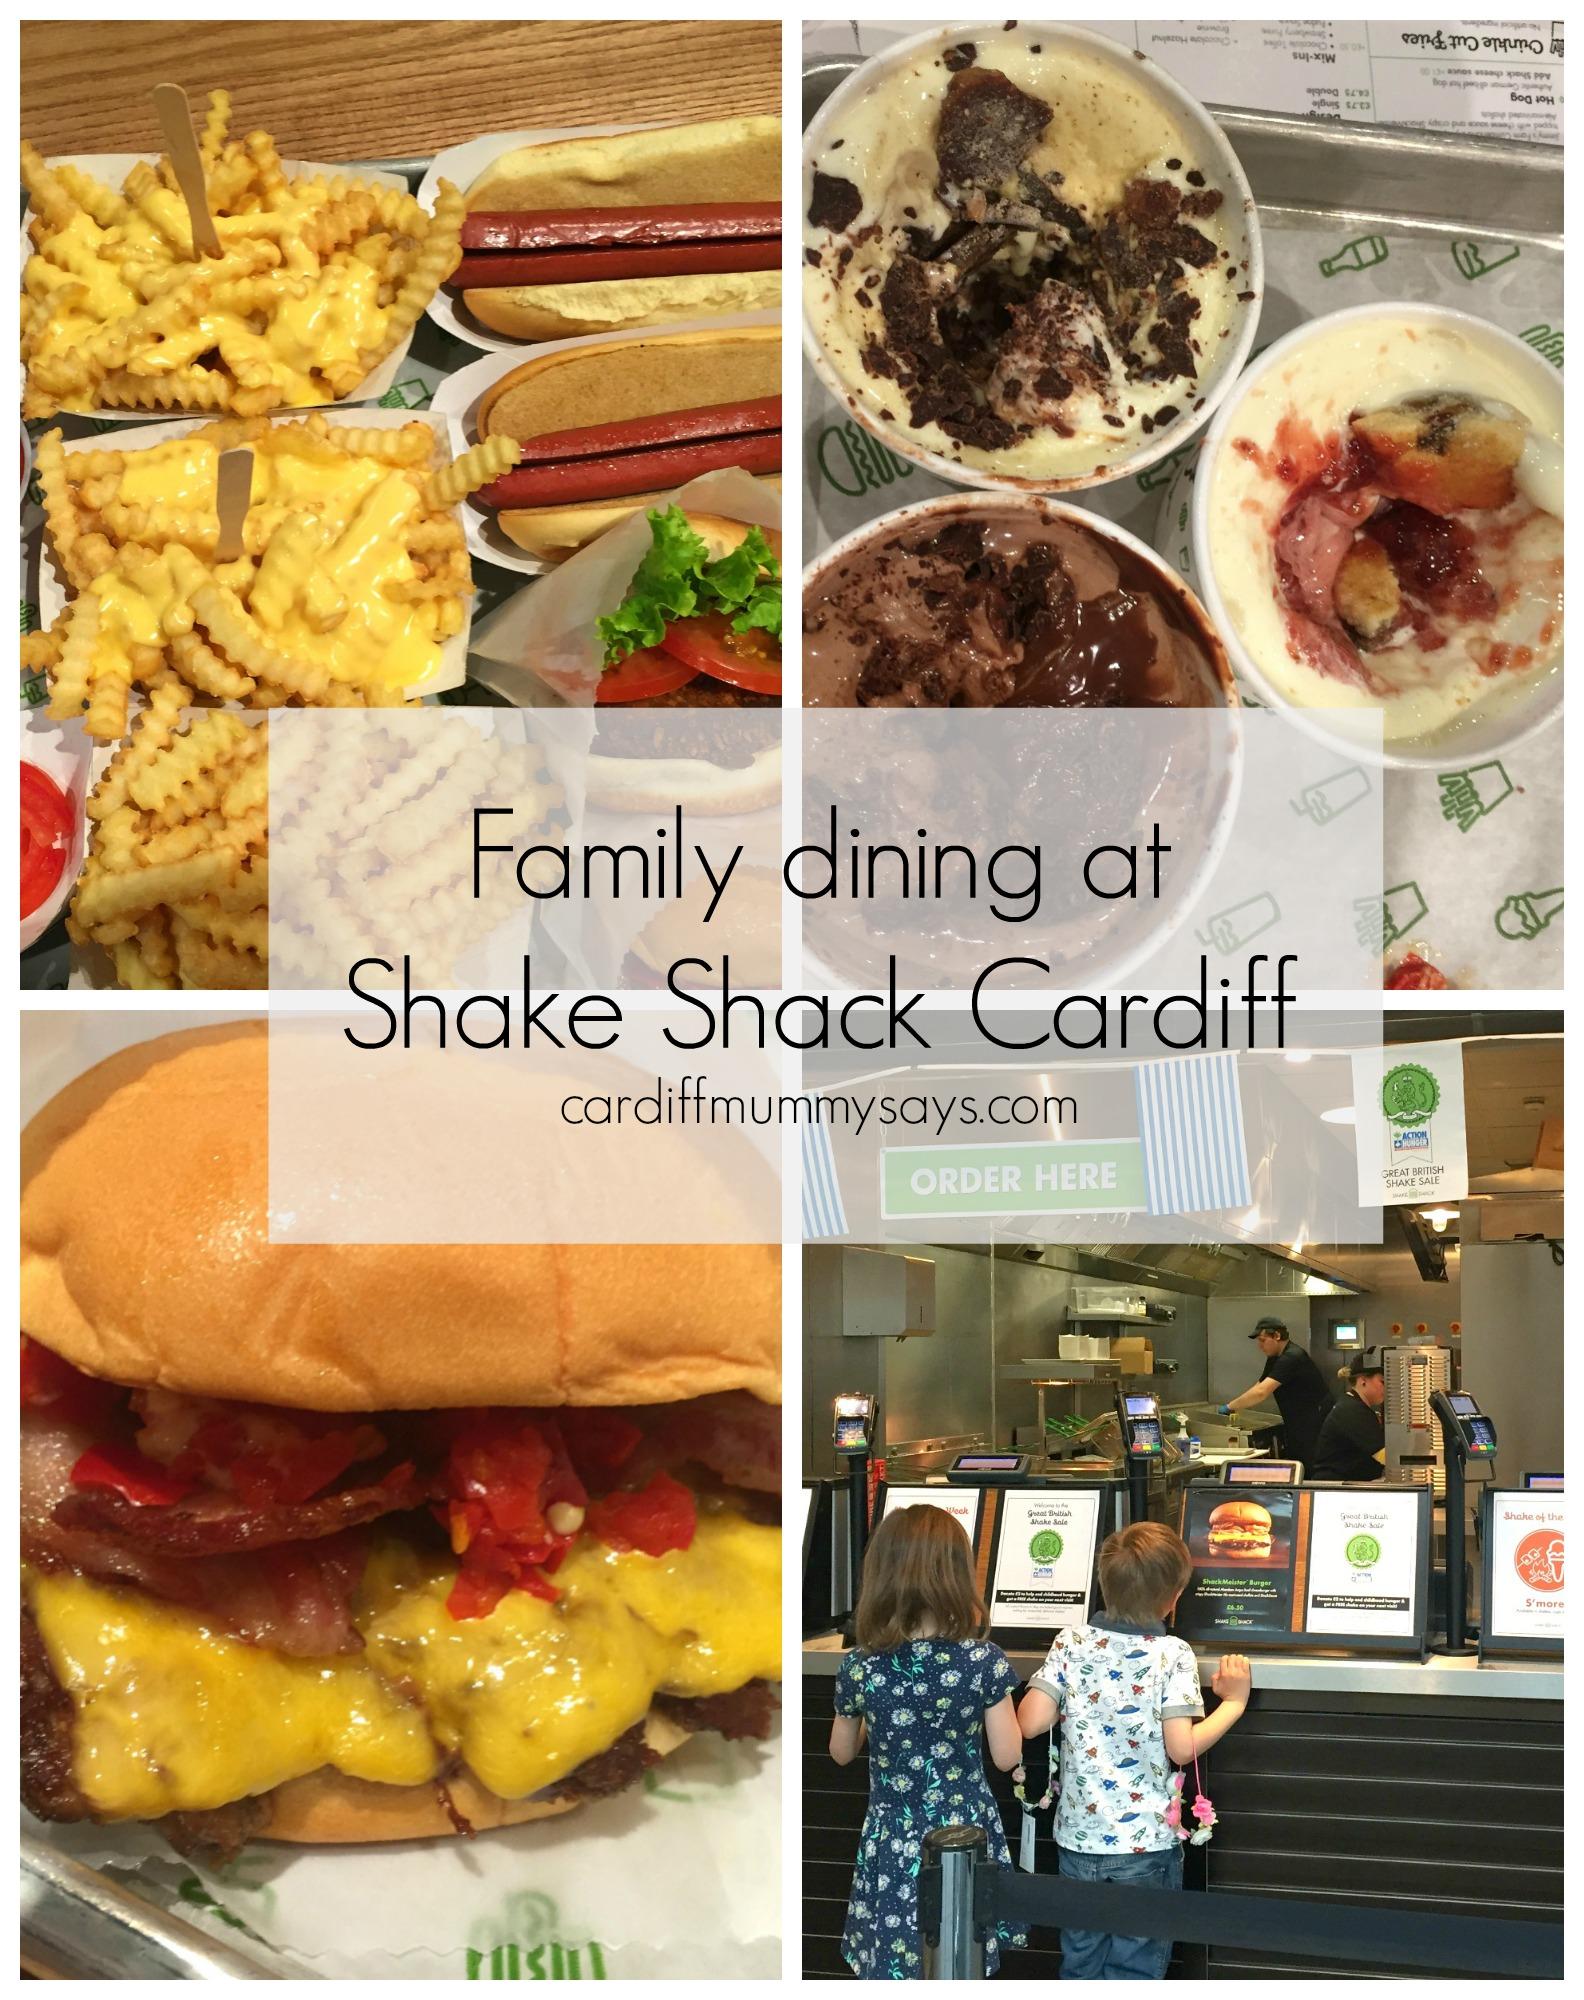 Shake Shack Cardiff